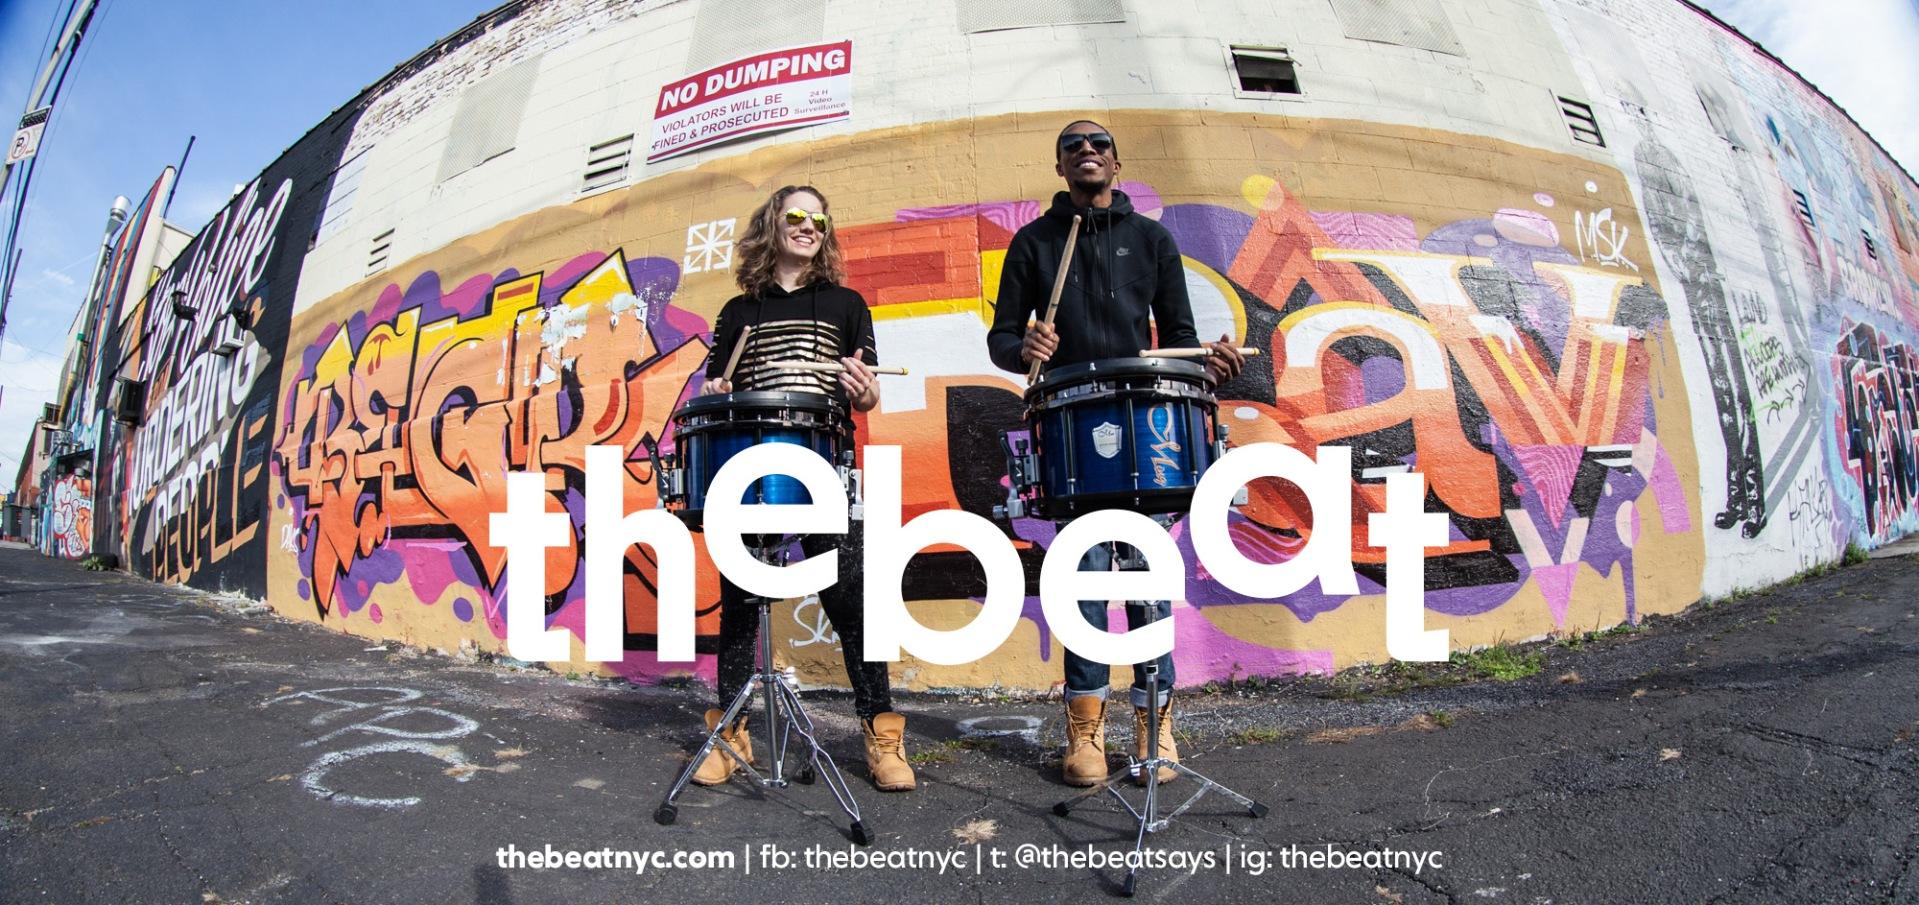 WEBthebeat-8311_DECK